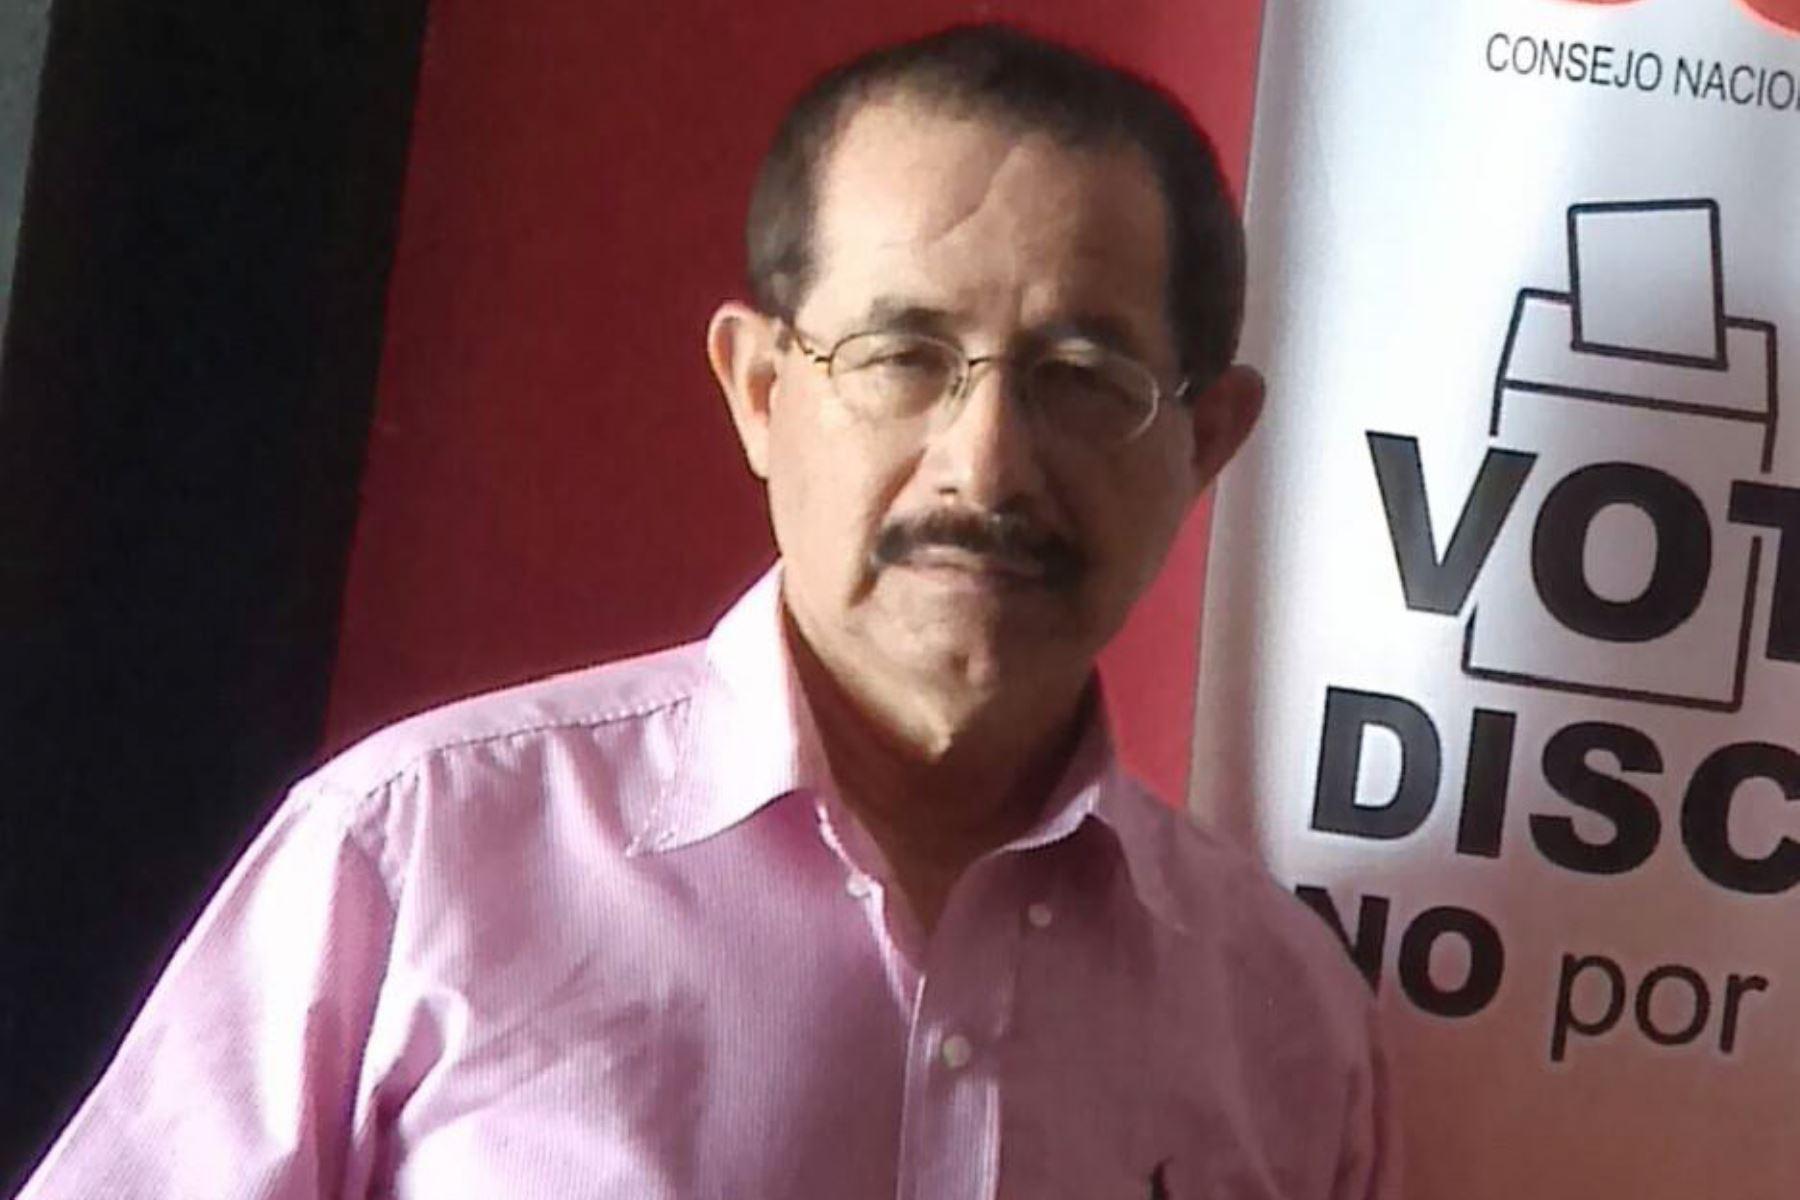 Gobernador electo de San Martín, Pedro Bogarín, promete convocar a líderes políticos. ANDINA